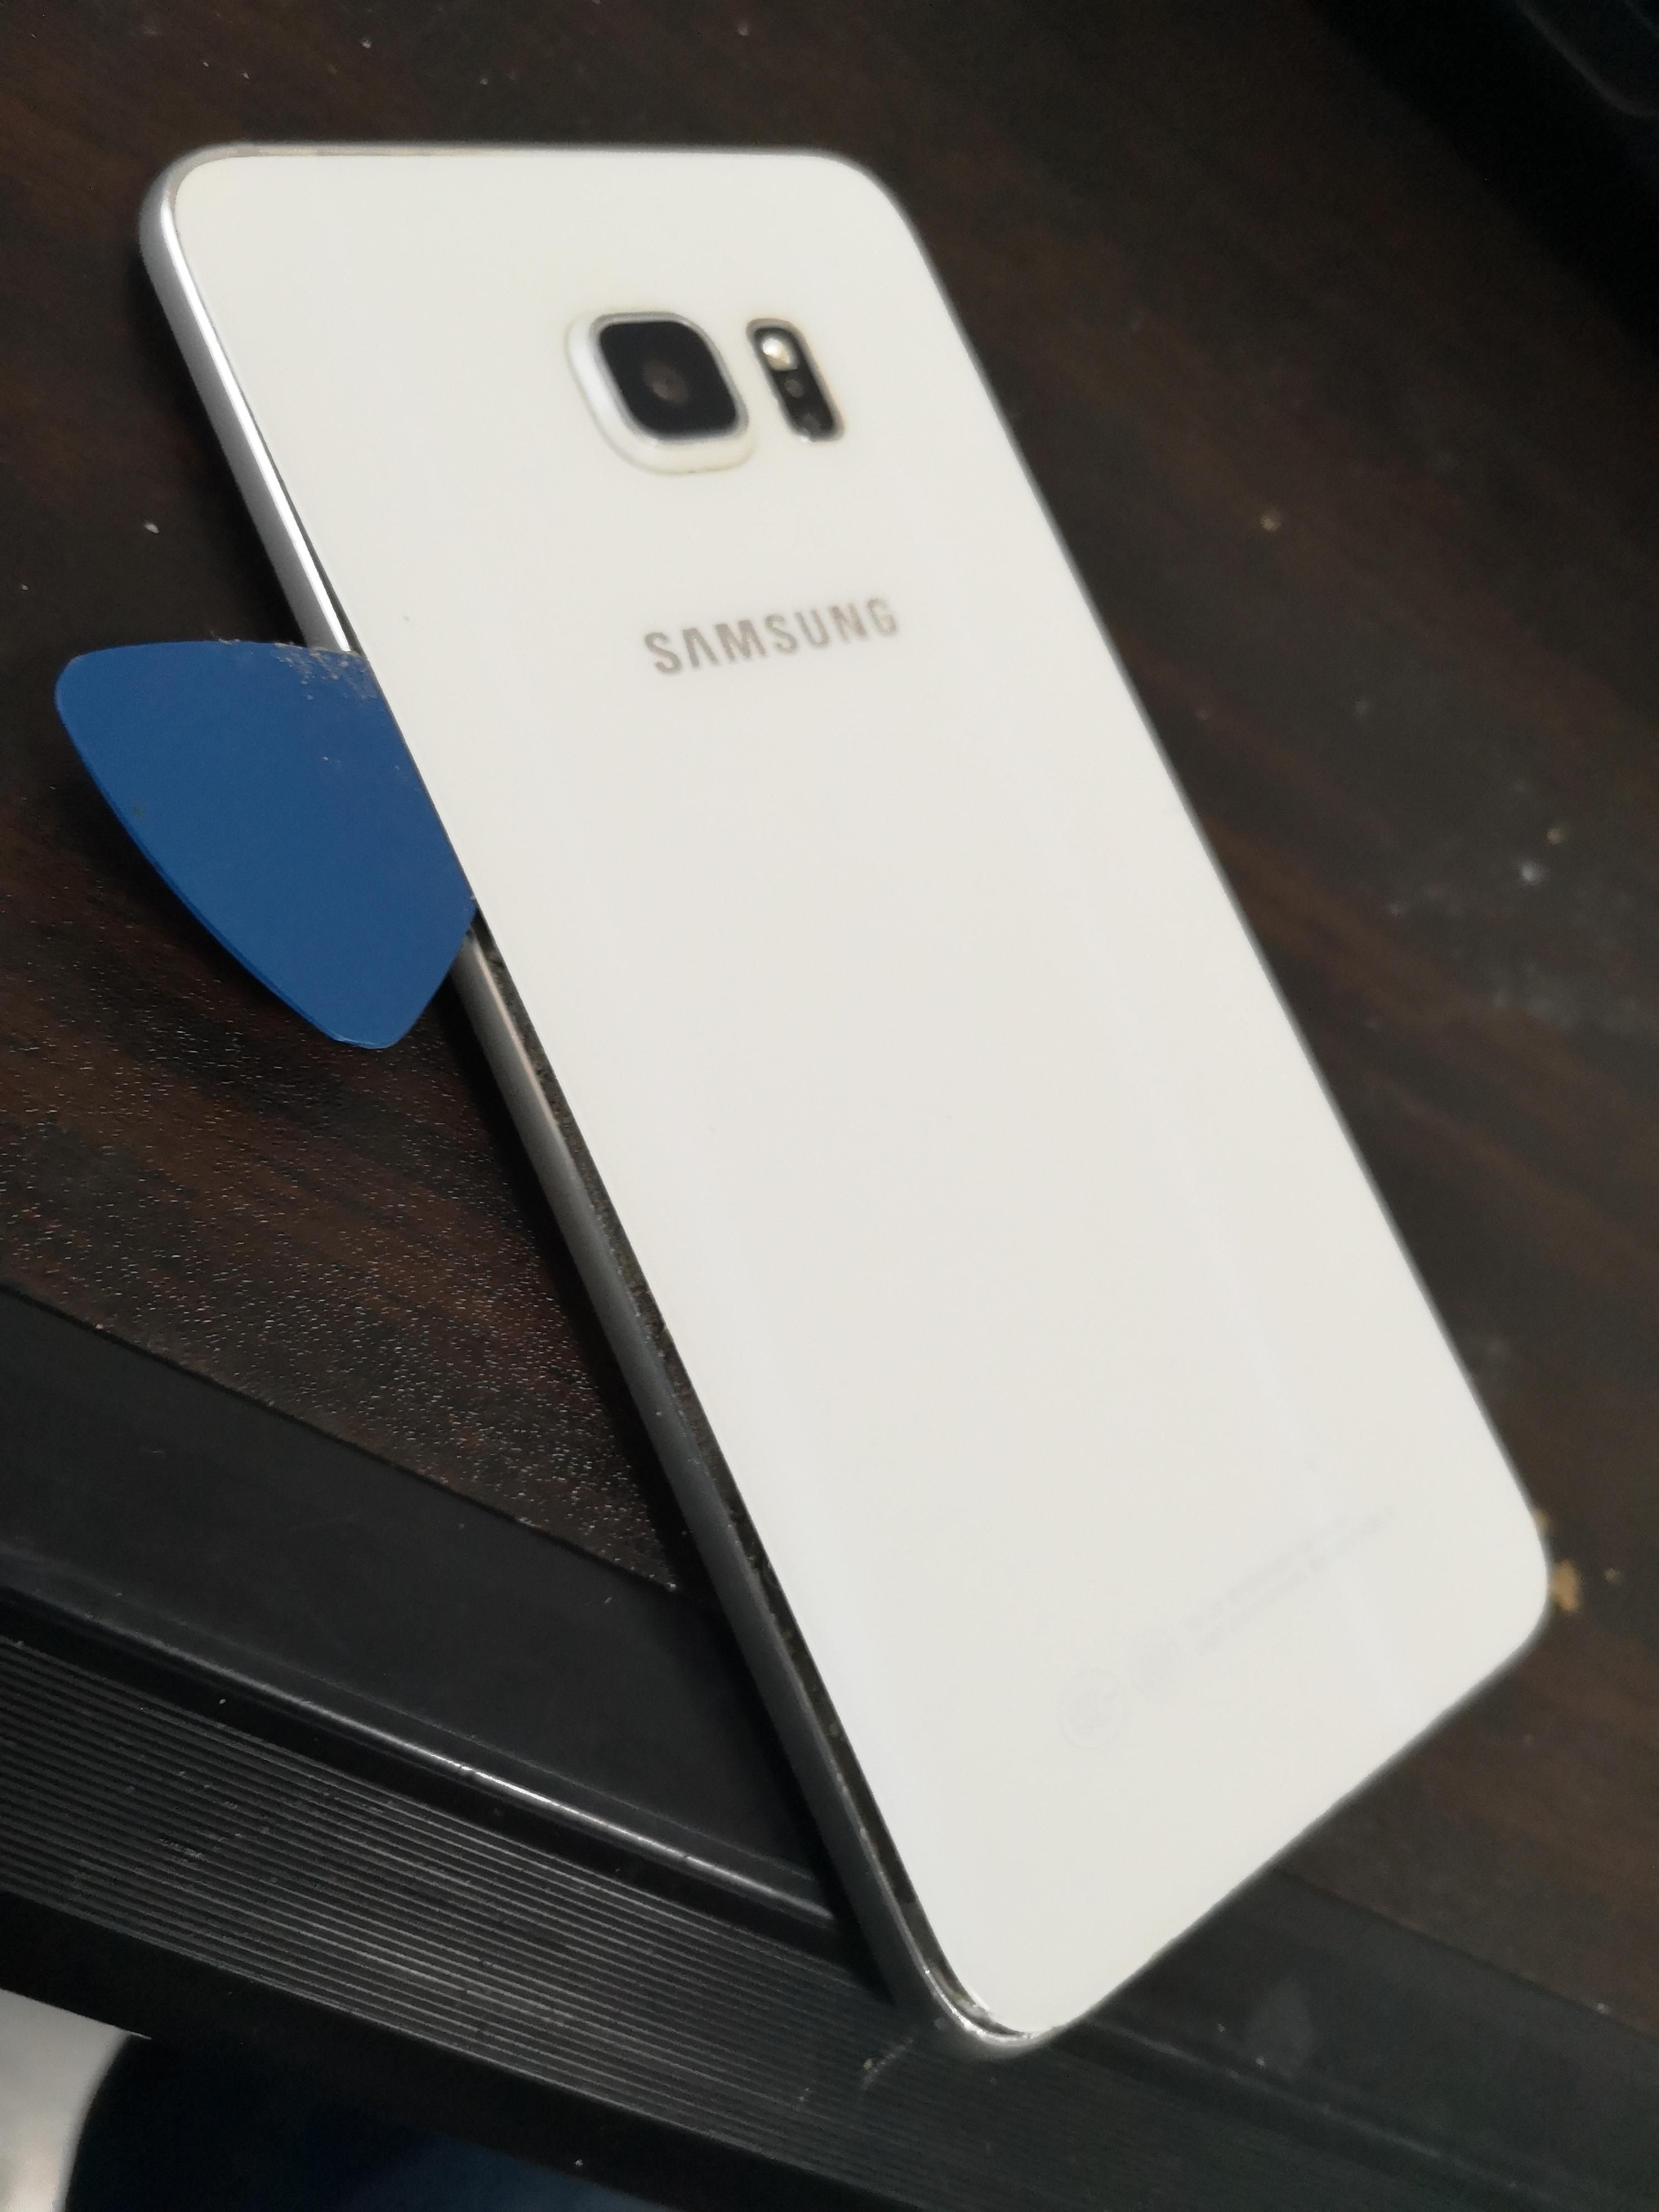 自己动手更换三星 S6 edge + 手机电池